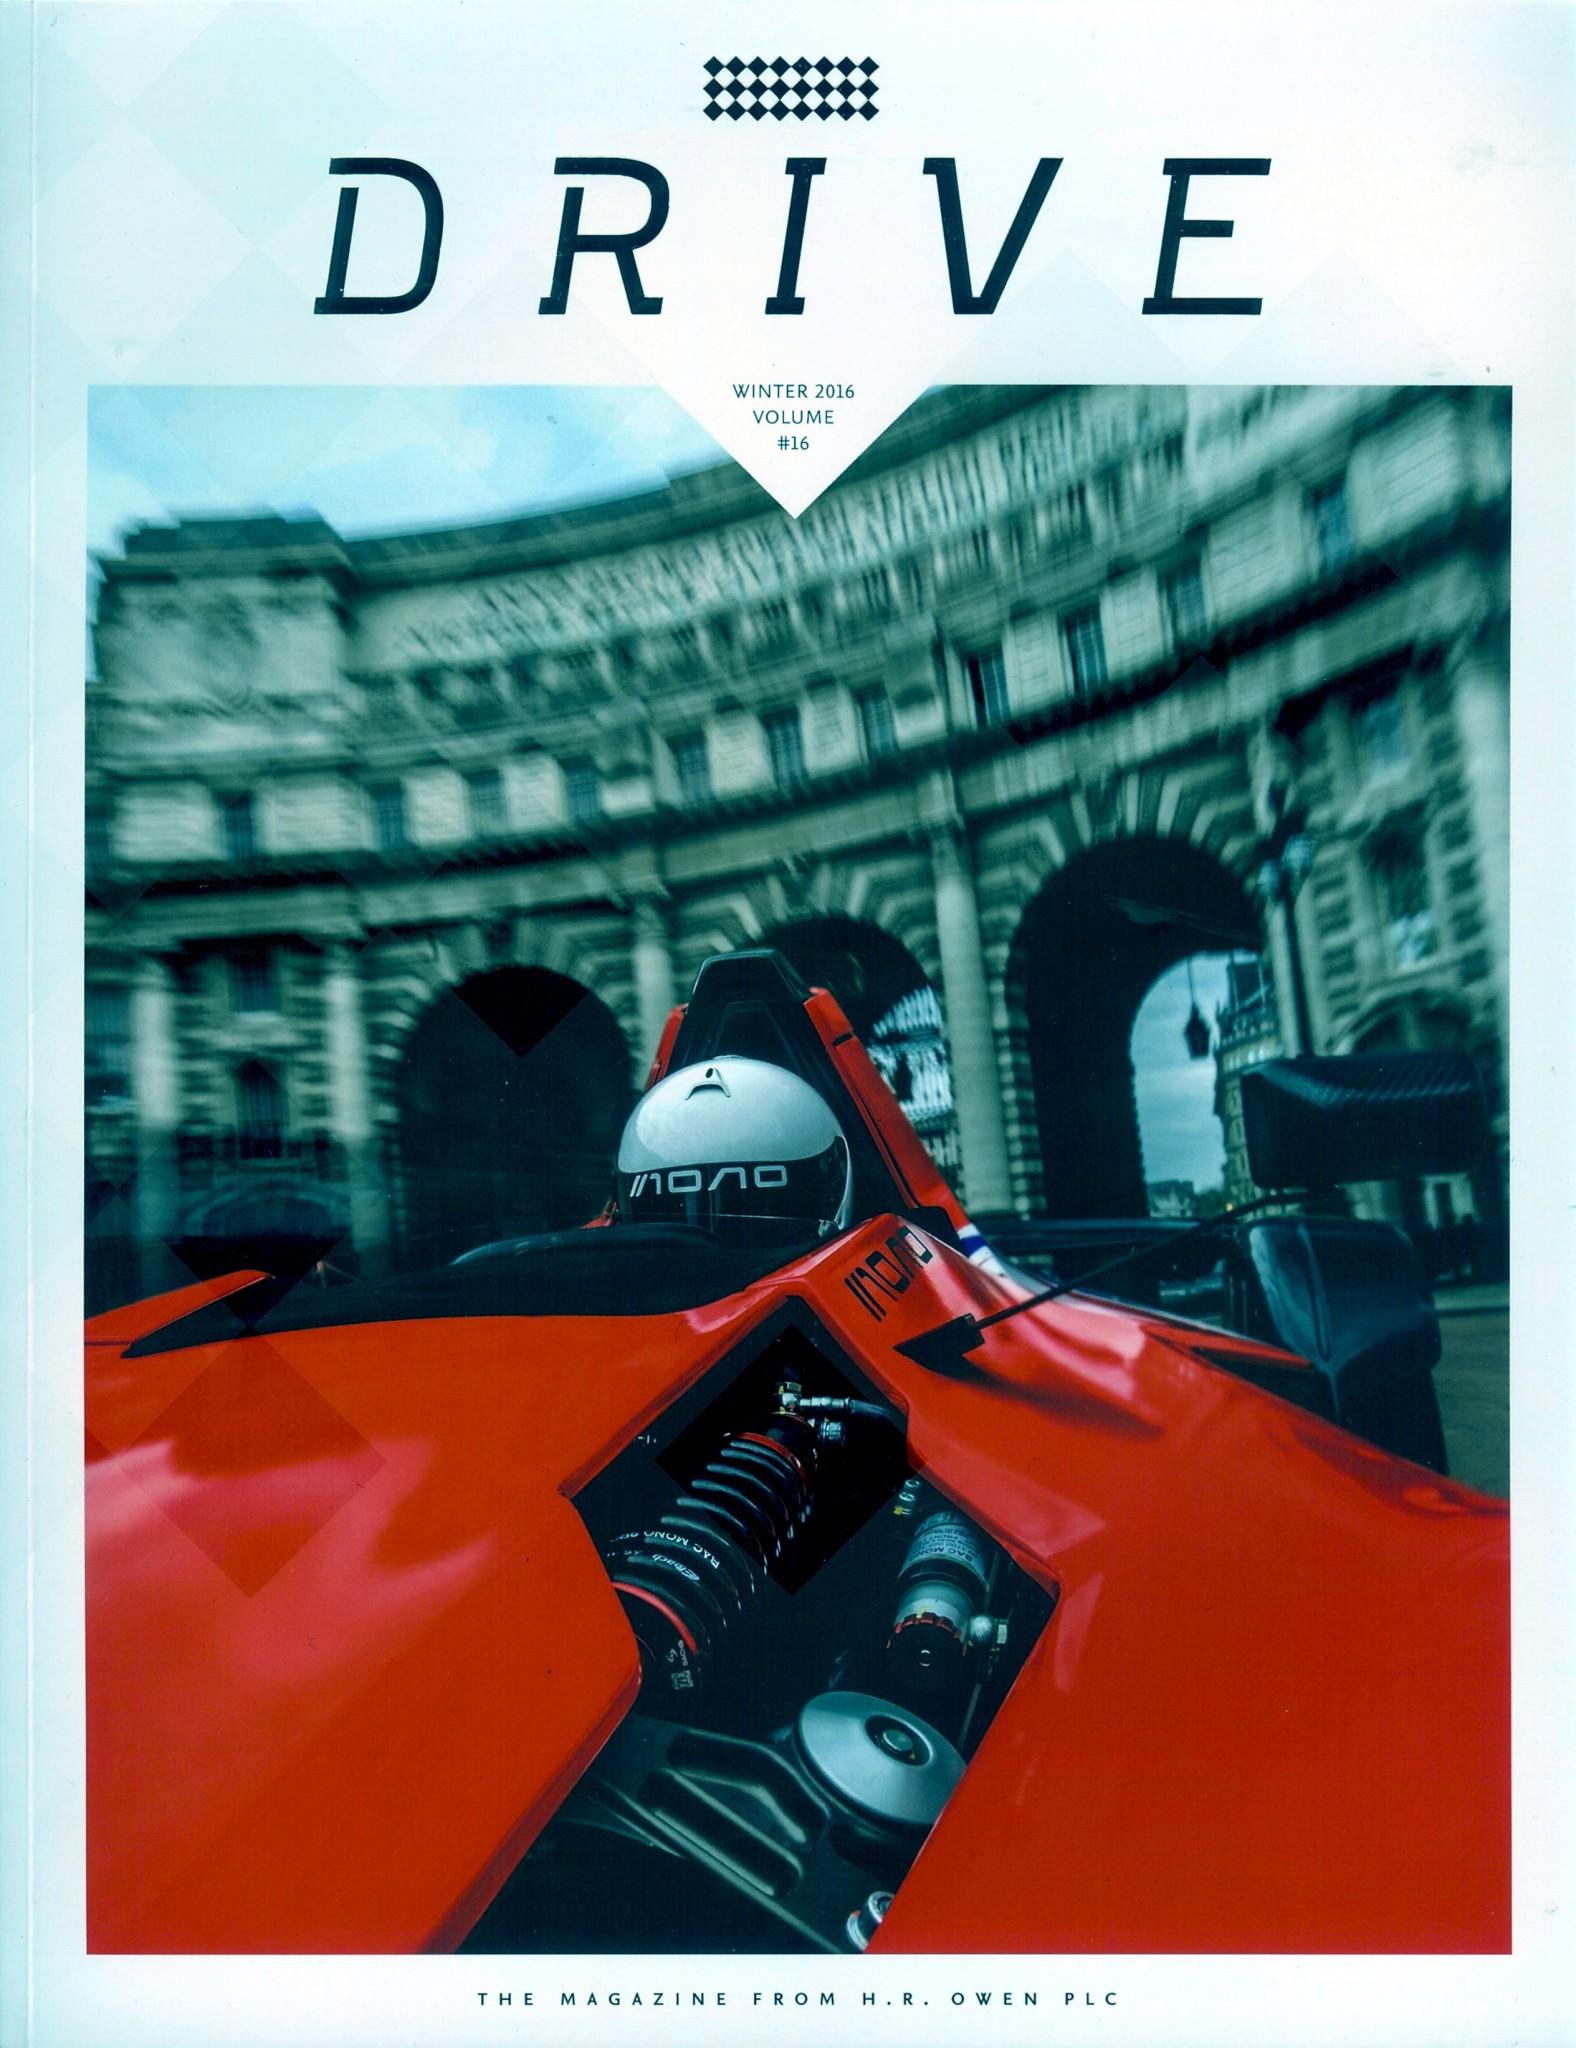 drivemagazinecover.jpeg